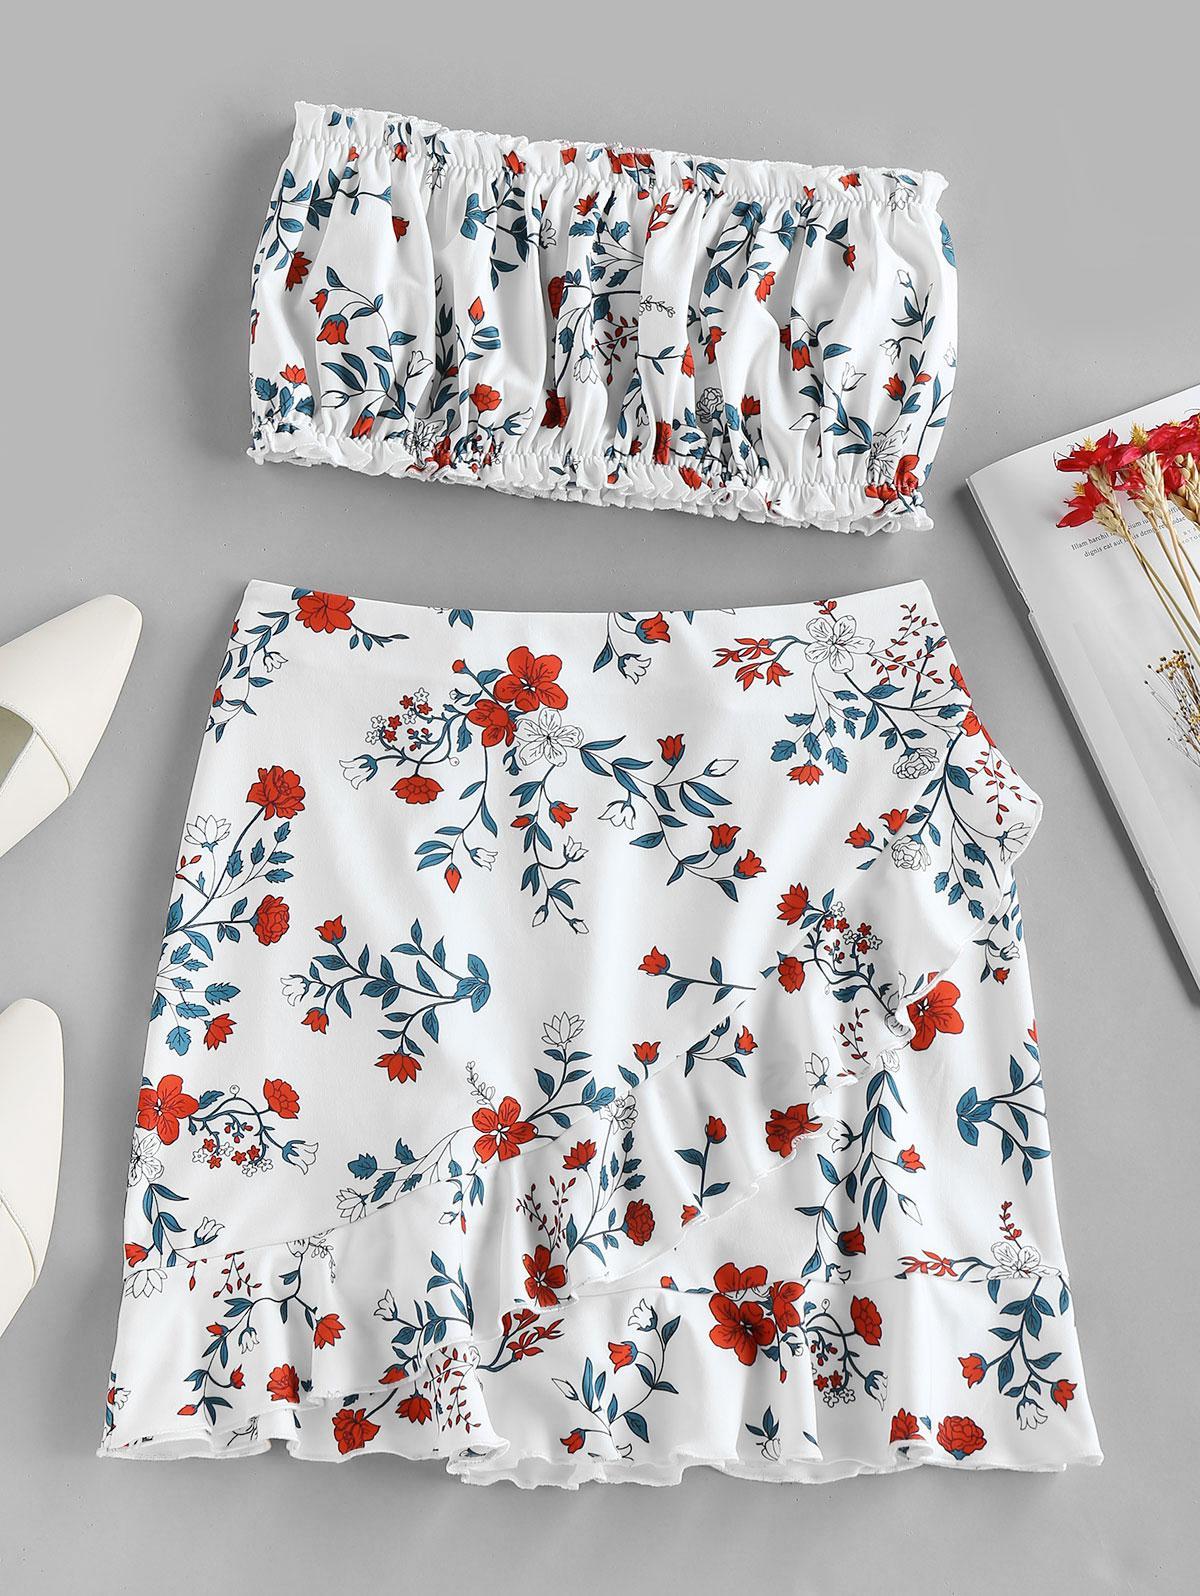 ZAFUL Flower Print Strapless Ruffle Knee Length Skirt Set